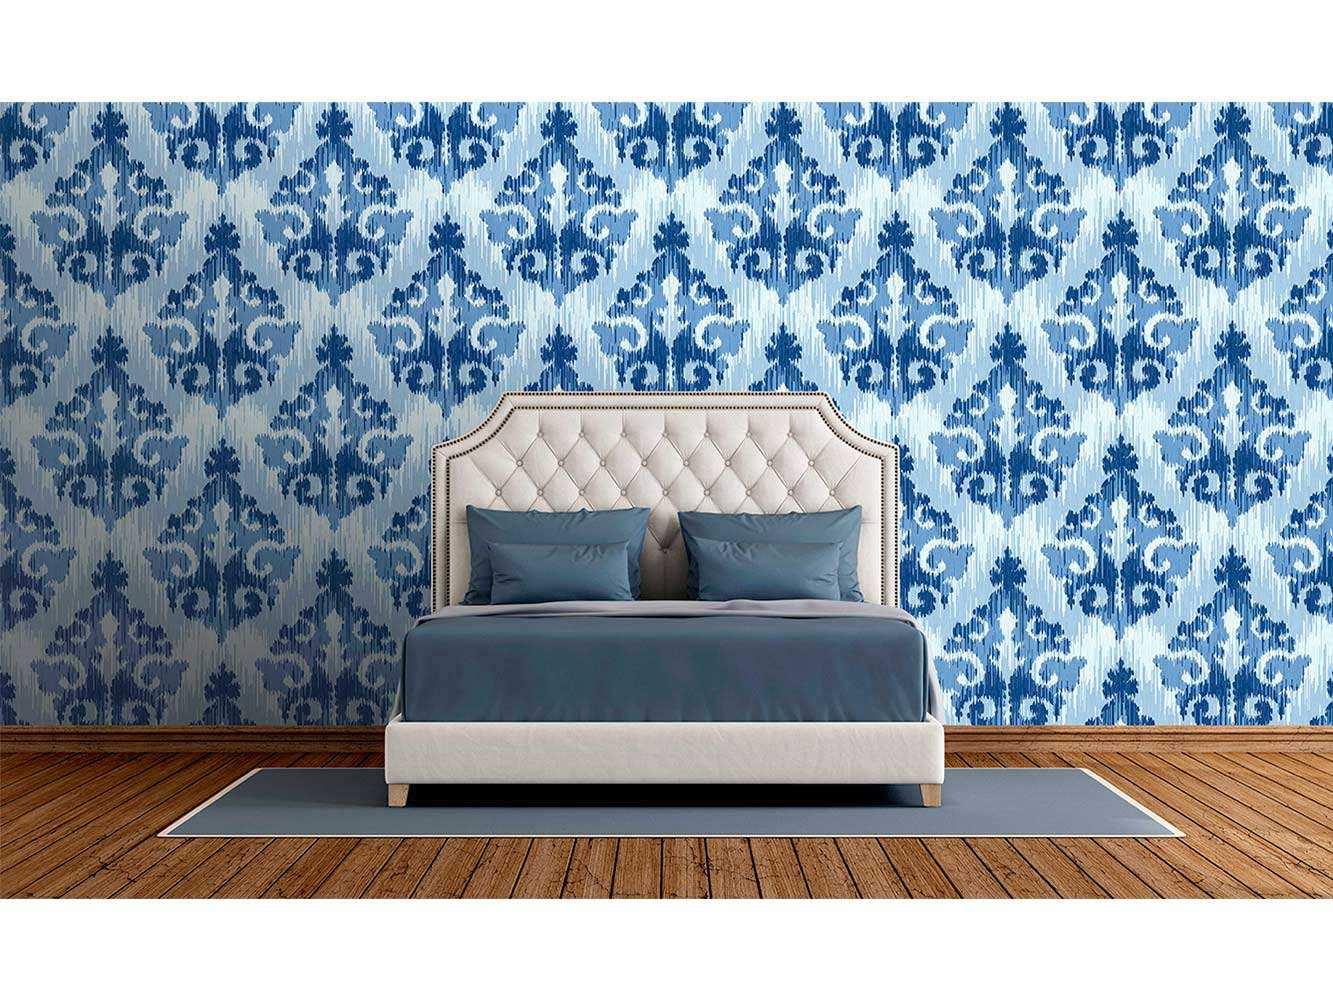 Fotomural Vinilo Zen Rombo Efecto Pintura Azul | Carteles XXL - Impresión carteleria publicitaria